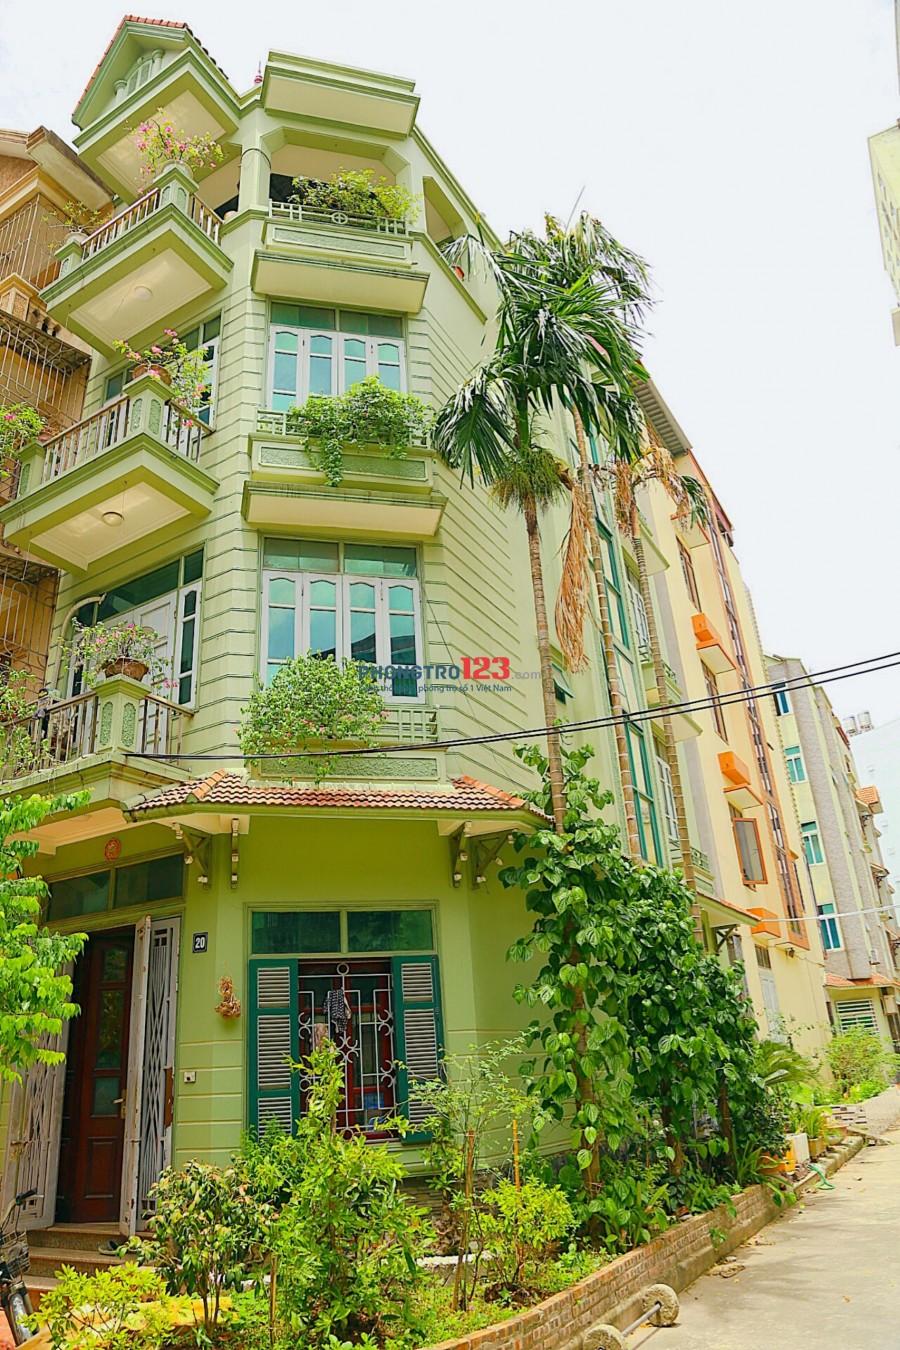 Cho thuê nhà đất nguyên căn ngõ 50 Nguyễn Hữu Thọ, cách đường Giải Phóng 100m